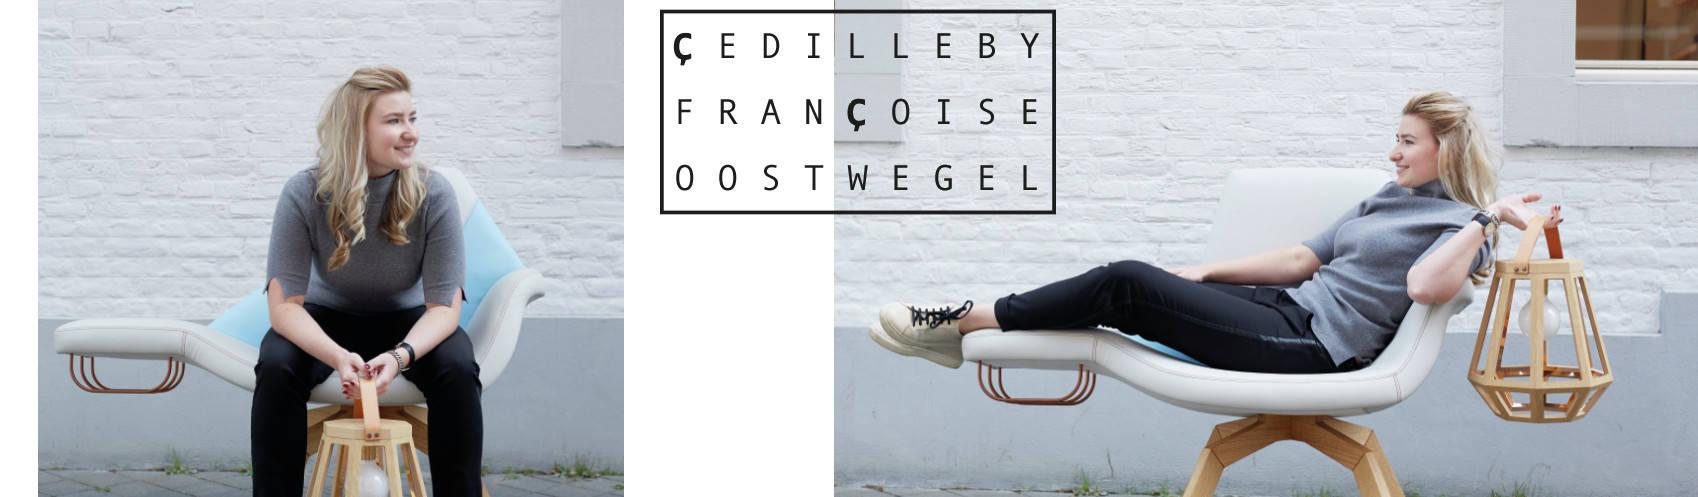 Çedille by Françoise Oostwegel